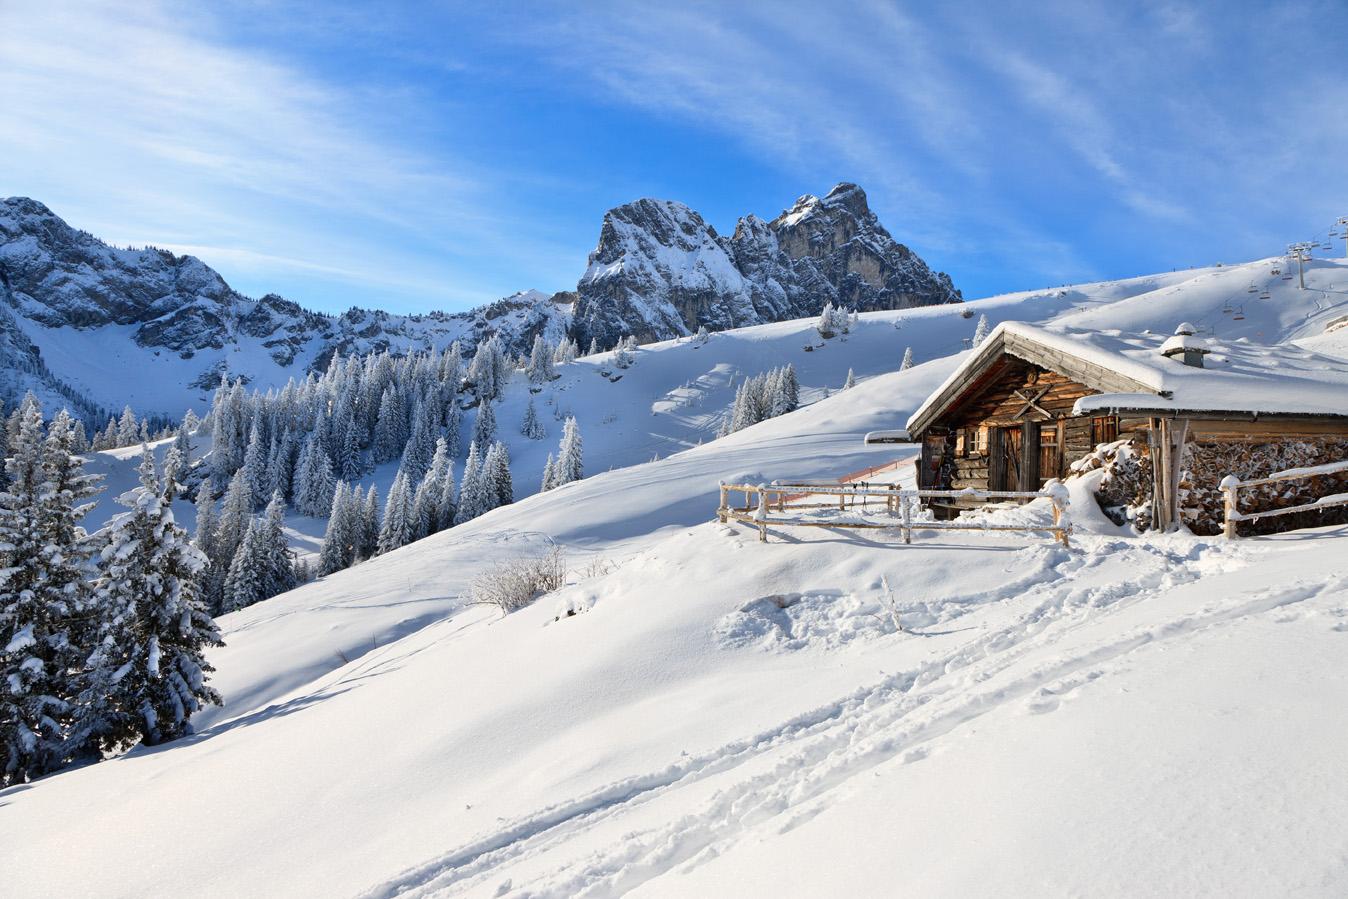 winterwandern winterwandern schneeschuhtouren skibergsteigen in pfroten im allg u pfronten. Black Bedroom Furniture Sets. Home Design Ideas